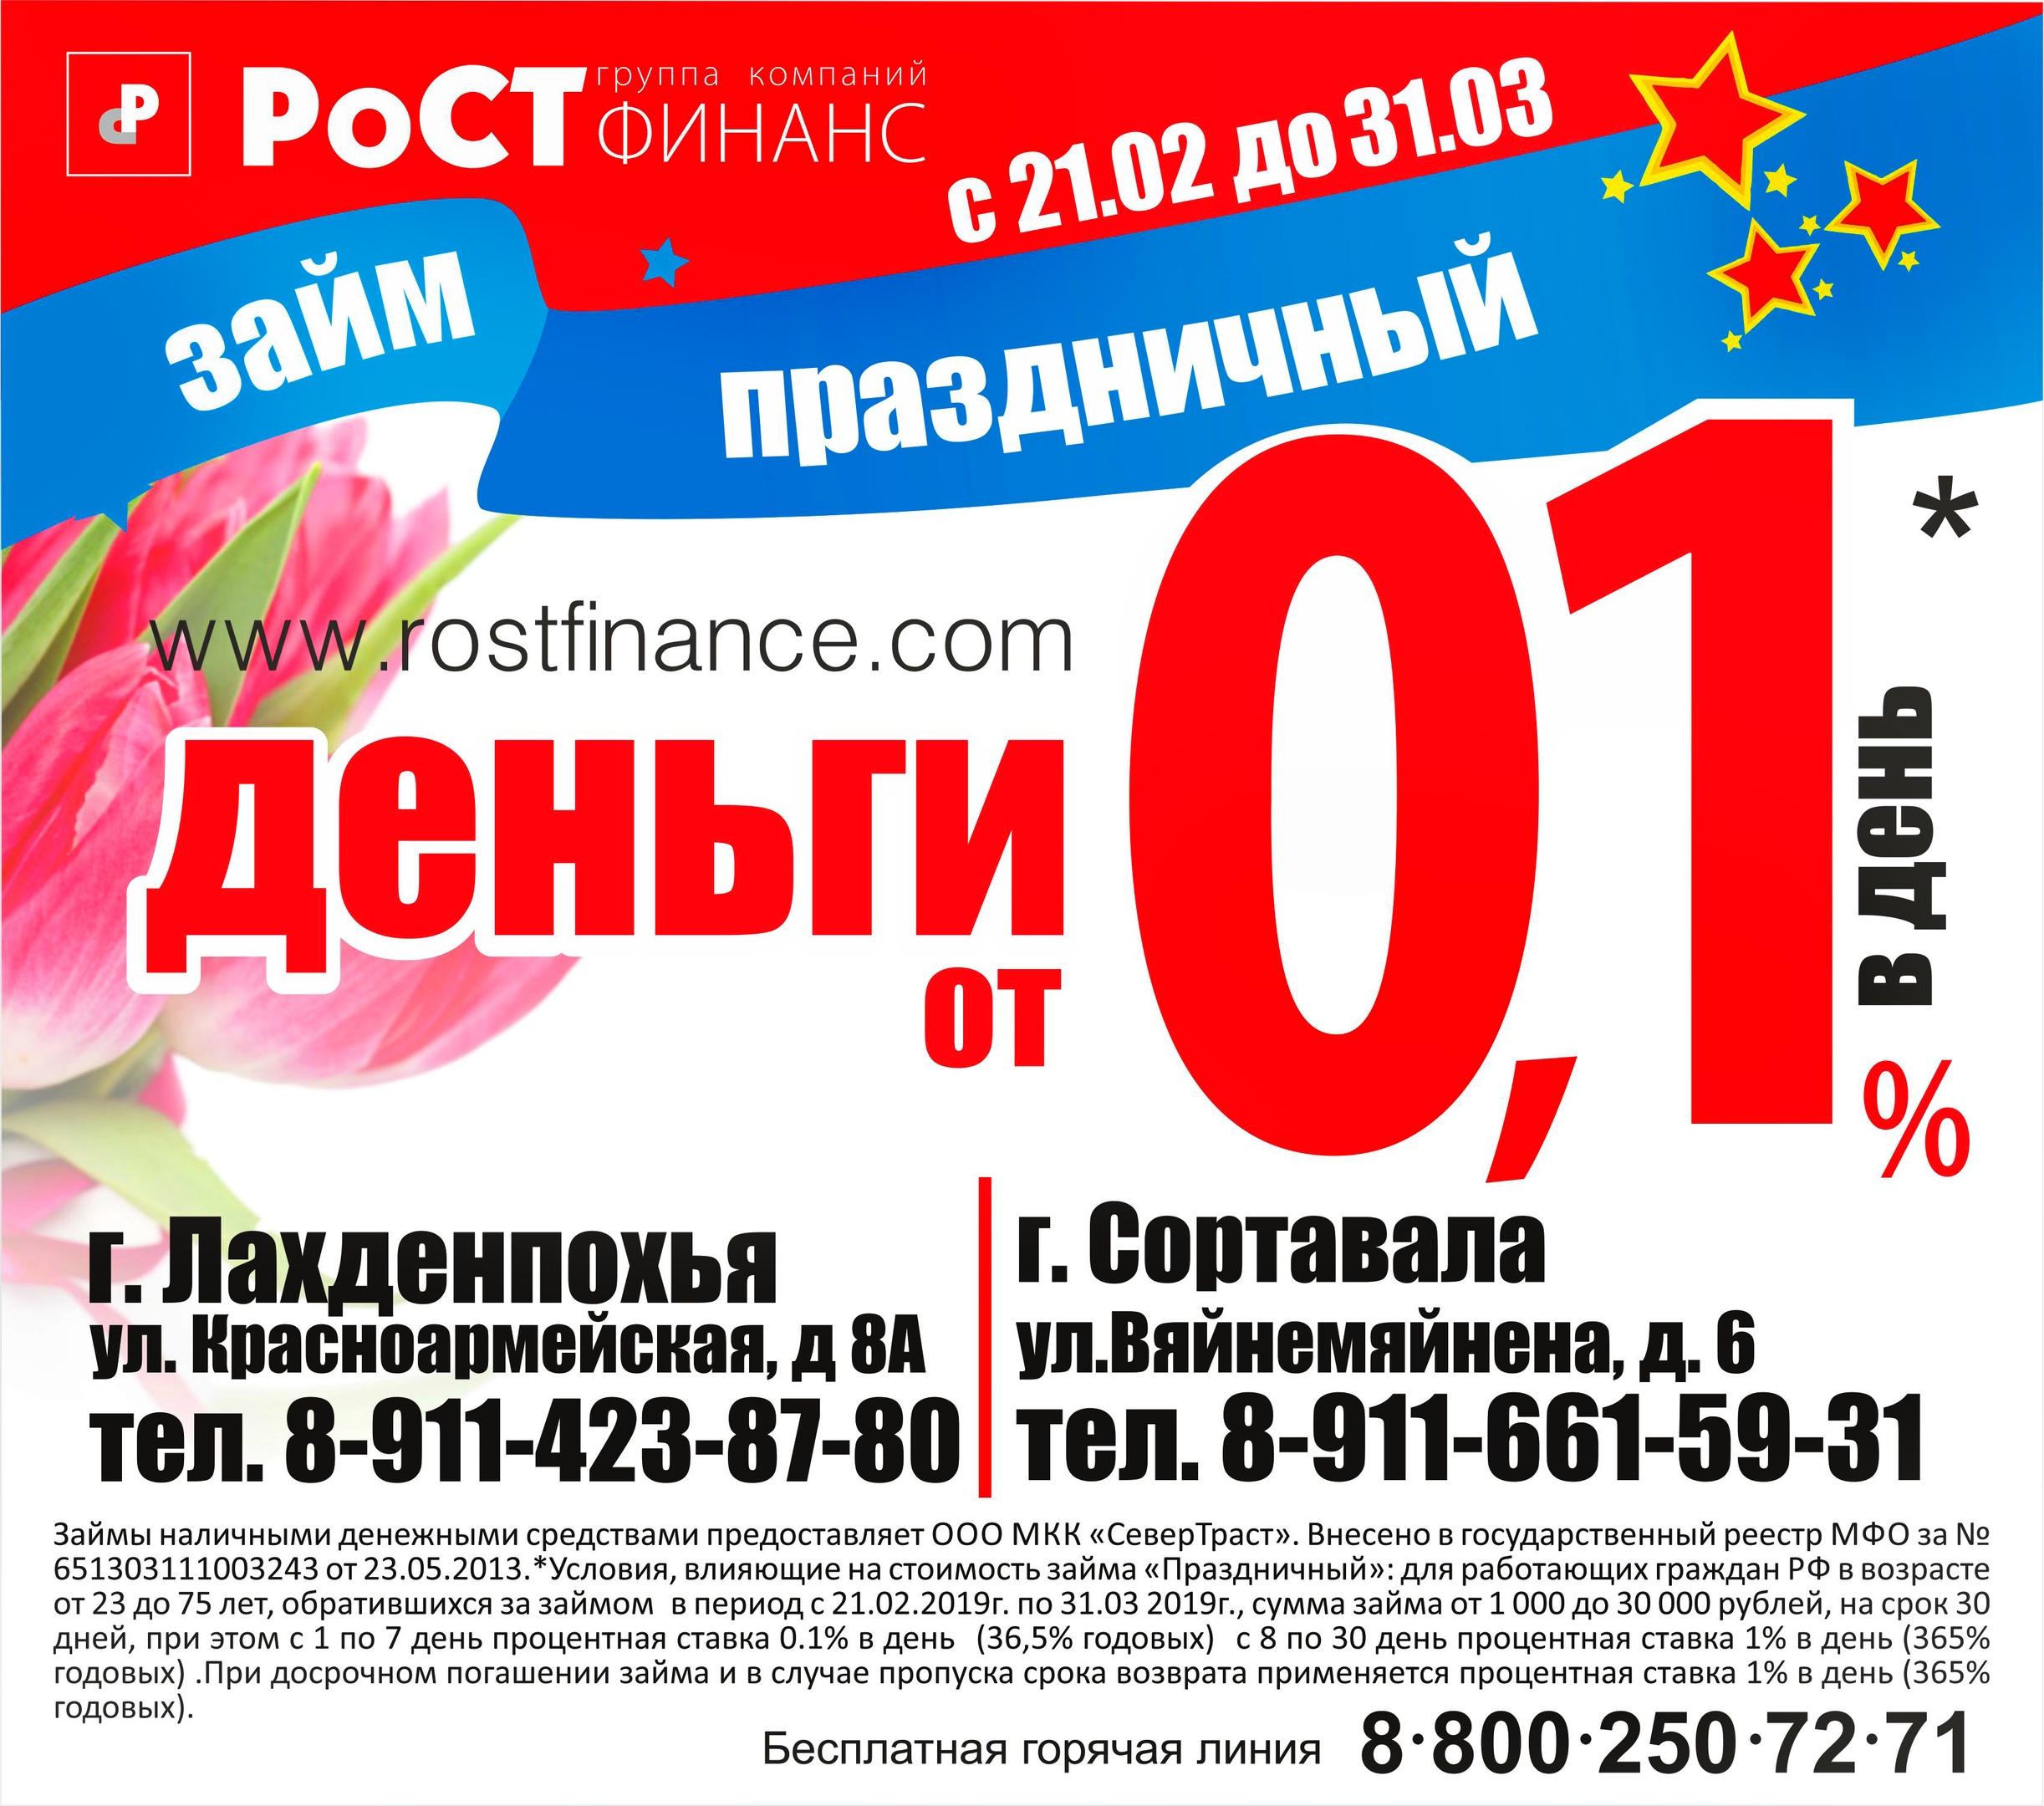 ООО МКК «Ростфинанс»